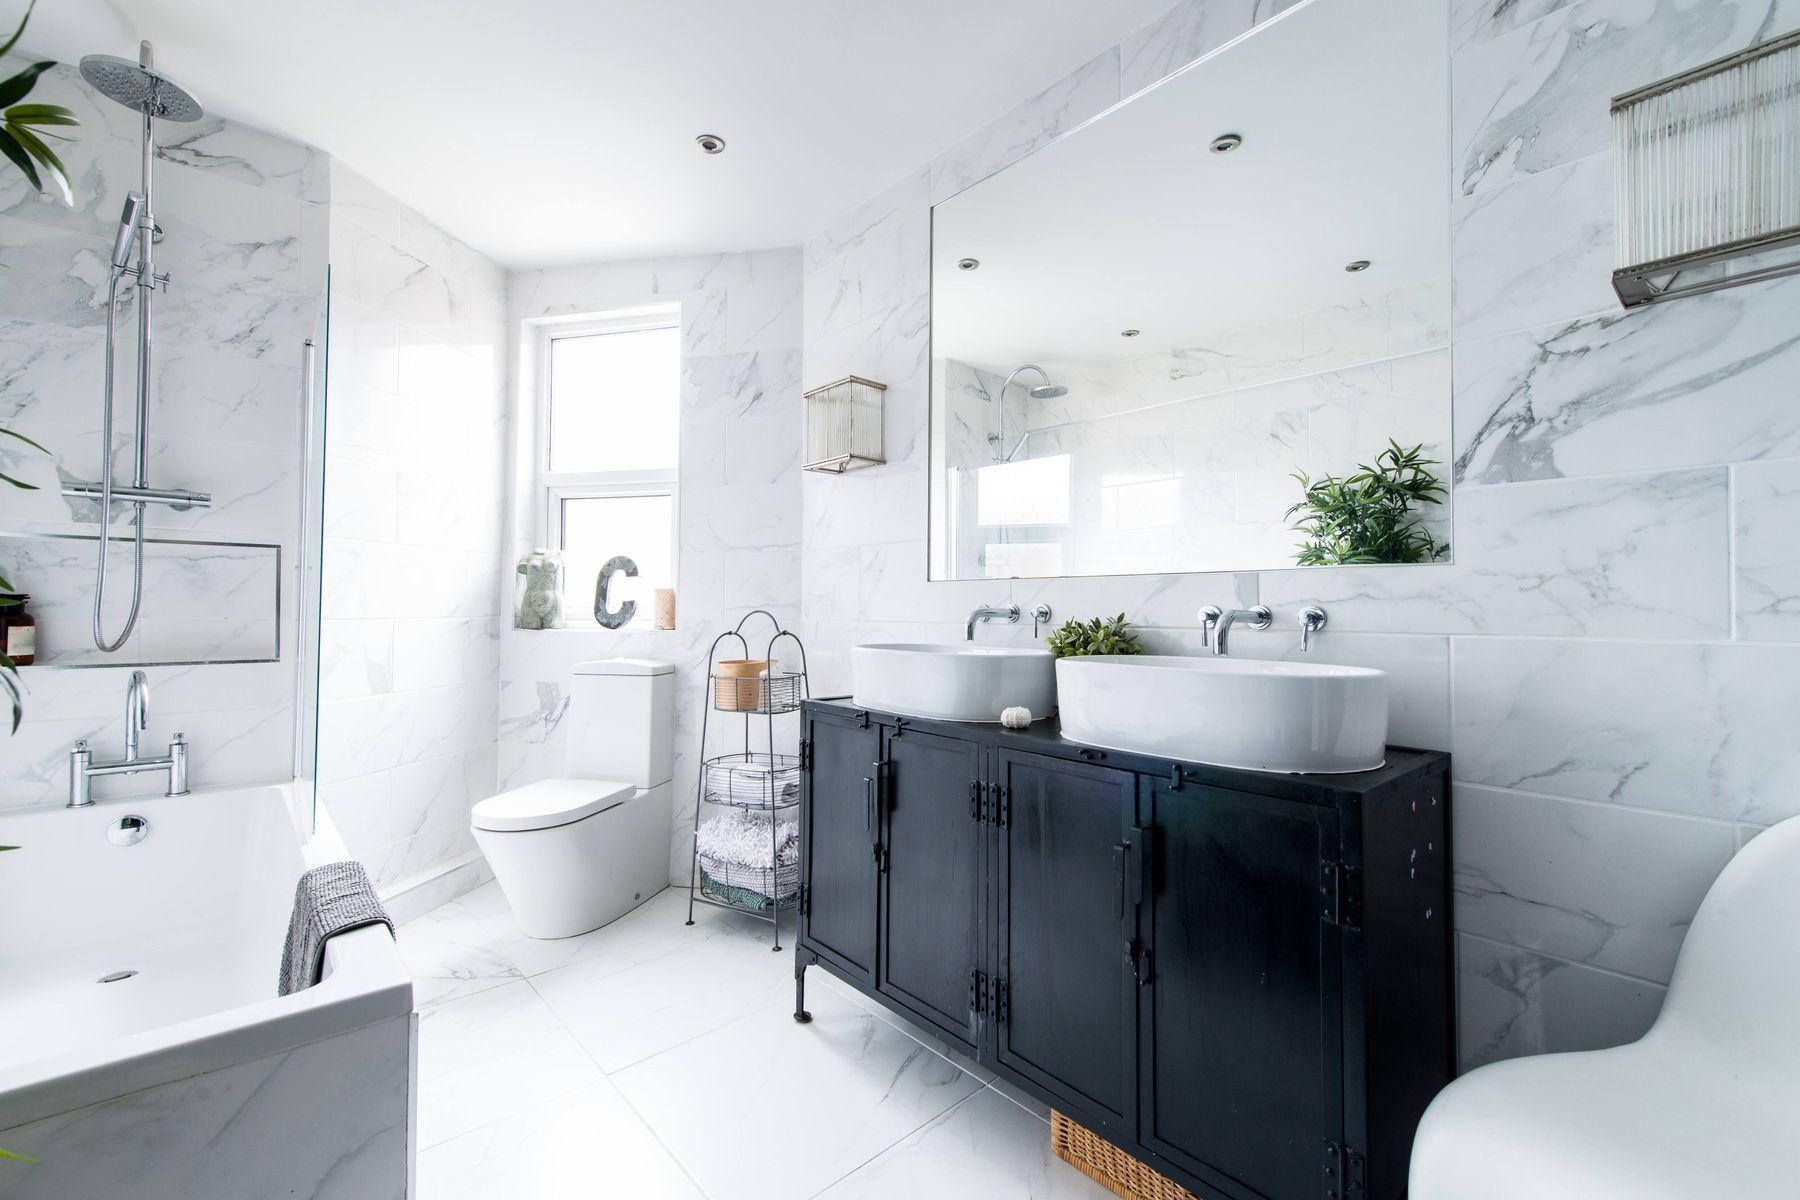 Banyo Temizliği İçin Öneriler